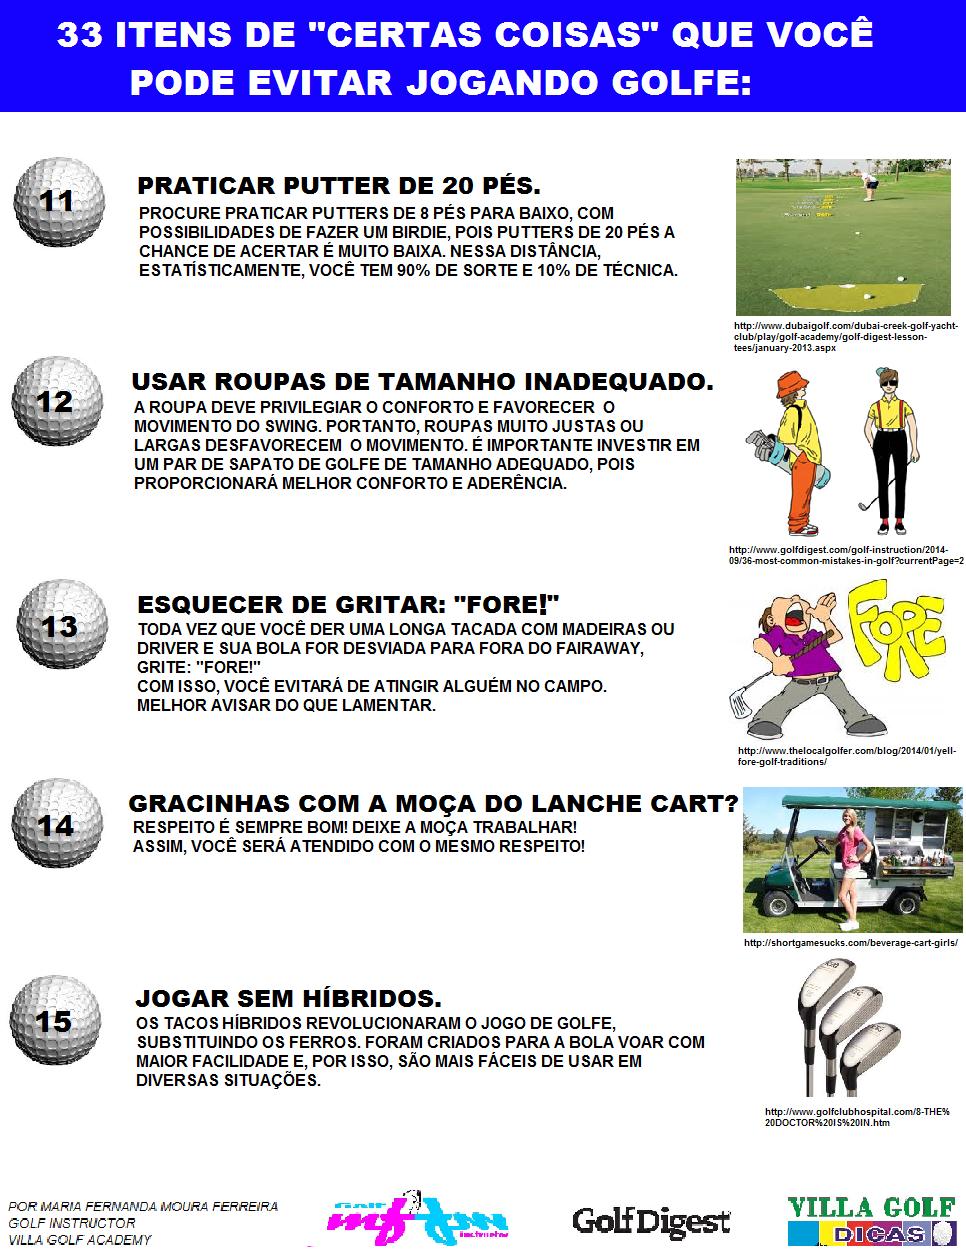 """33 Itens de """"certas coisas"""" que você pode evitar jogando golfe."""